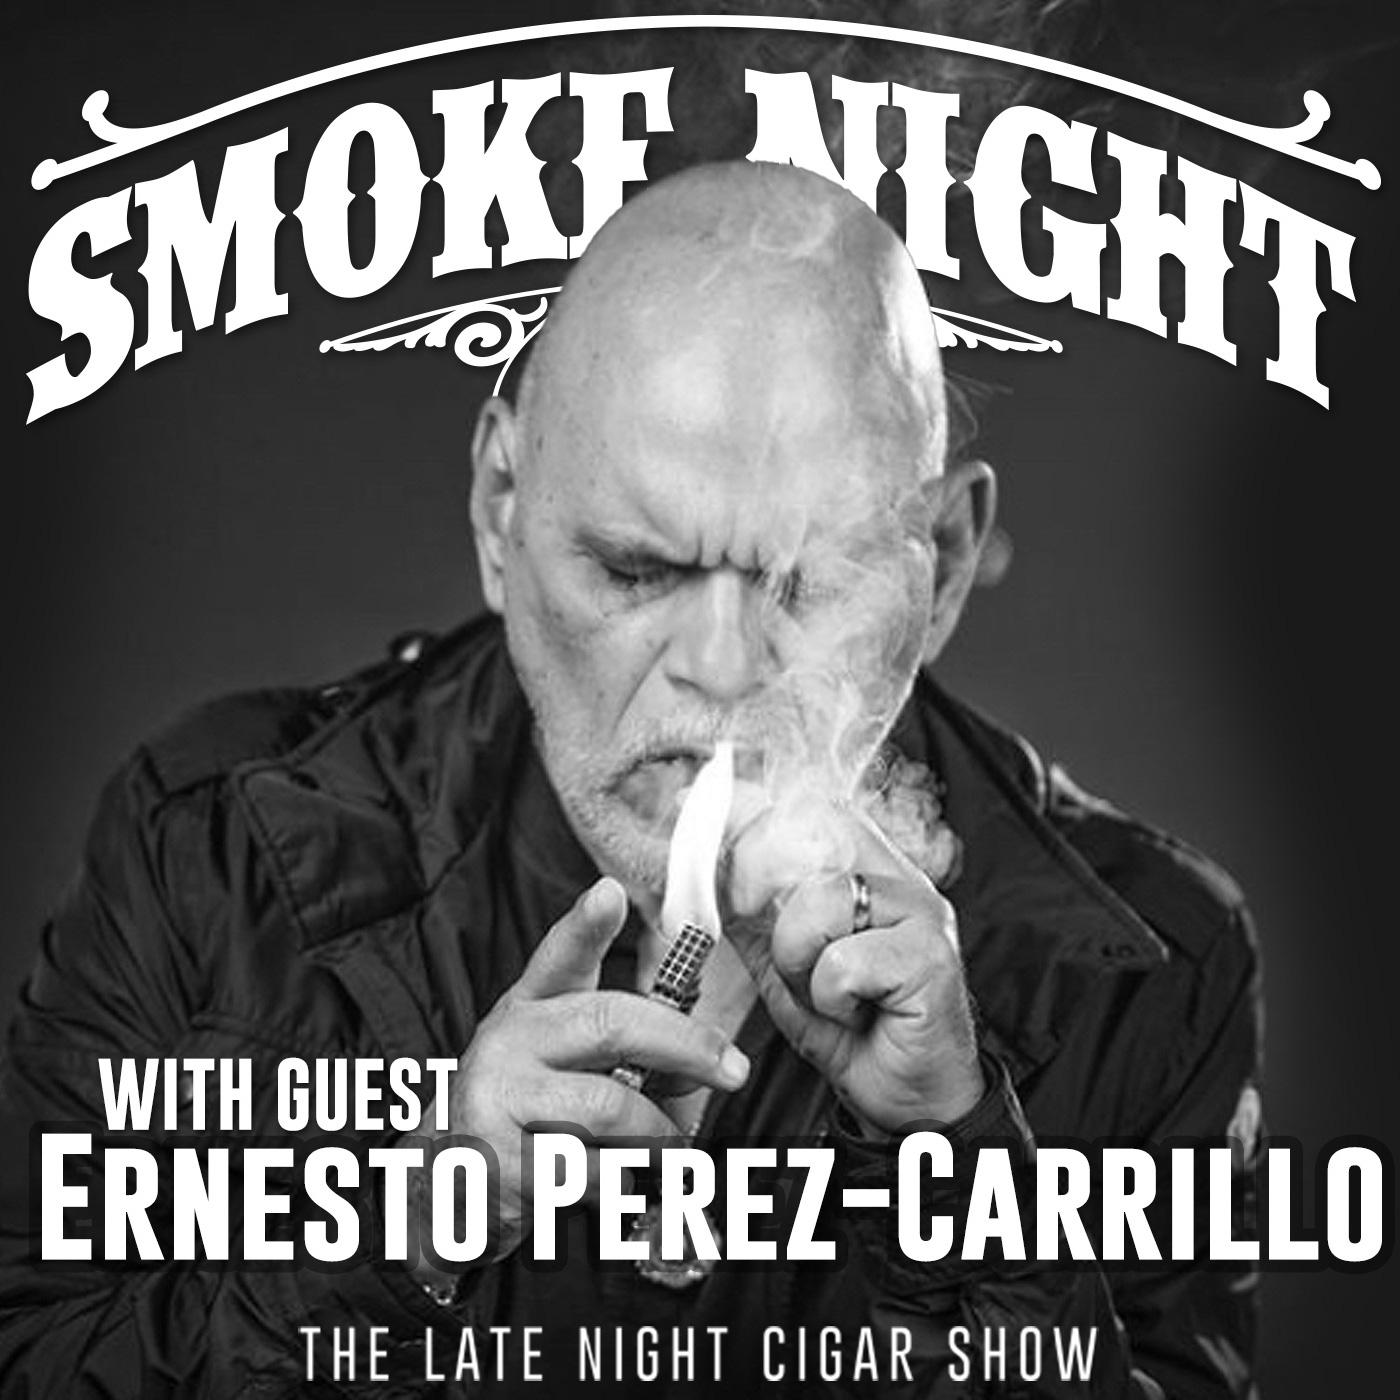 Ernesto Perez-Carrillo interview